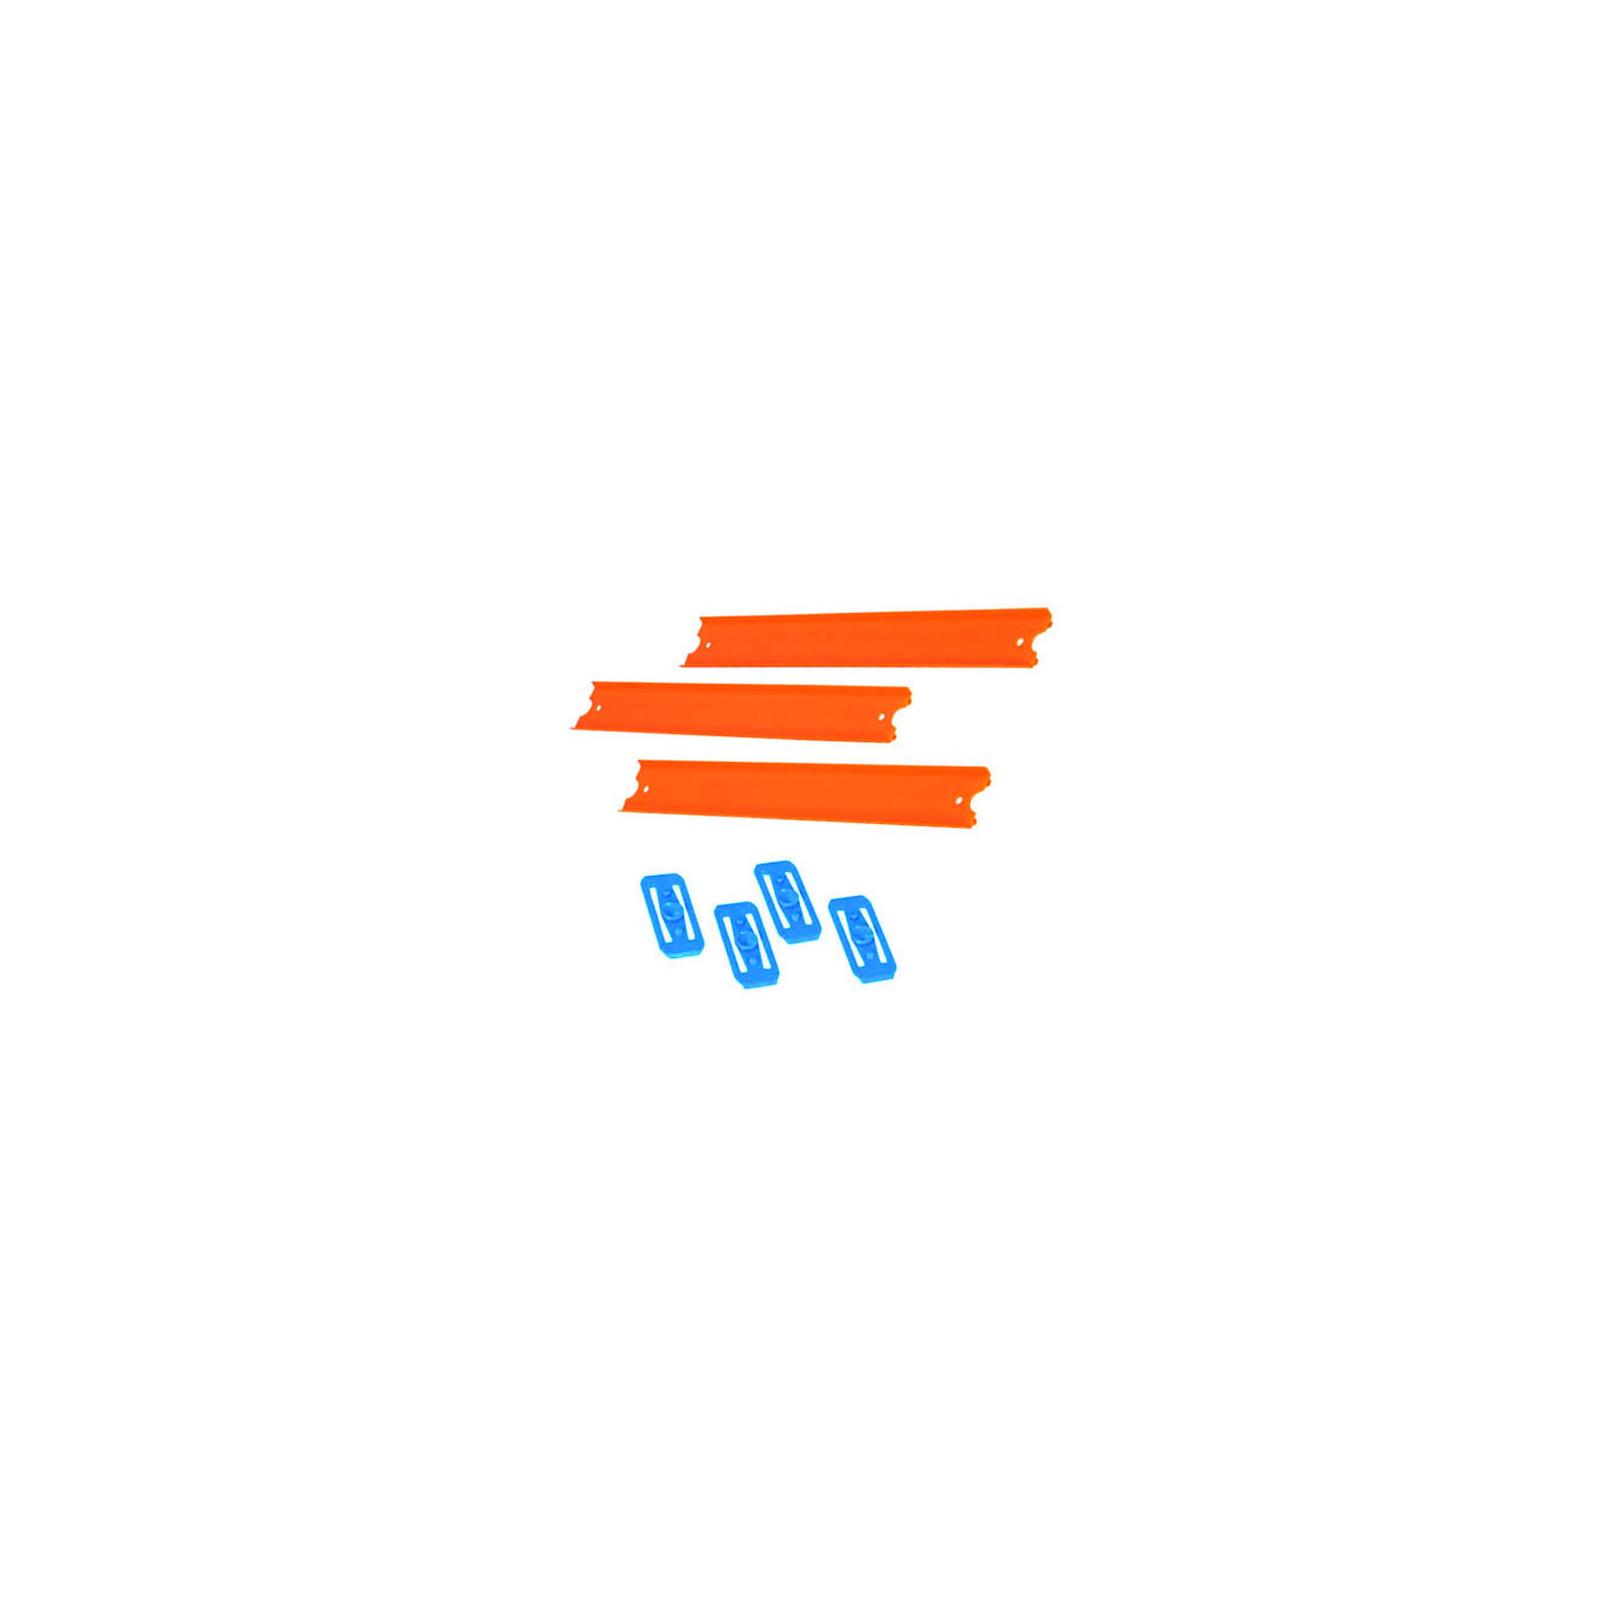 Автотрек HOT WHEELS Дополнительные дороги трека (CCX79) изображение 2